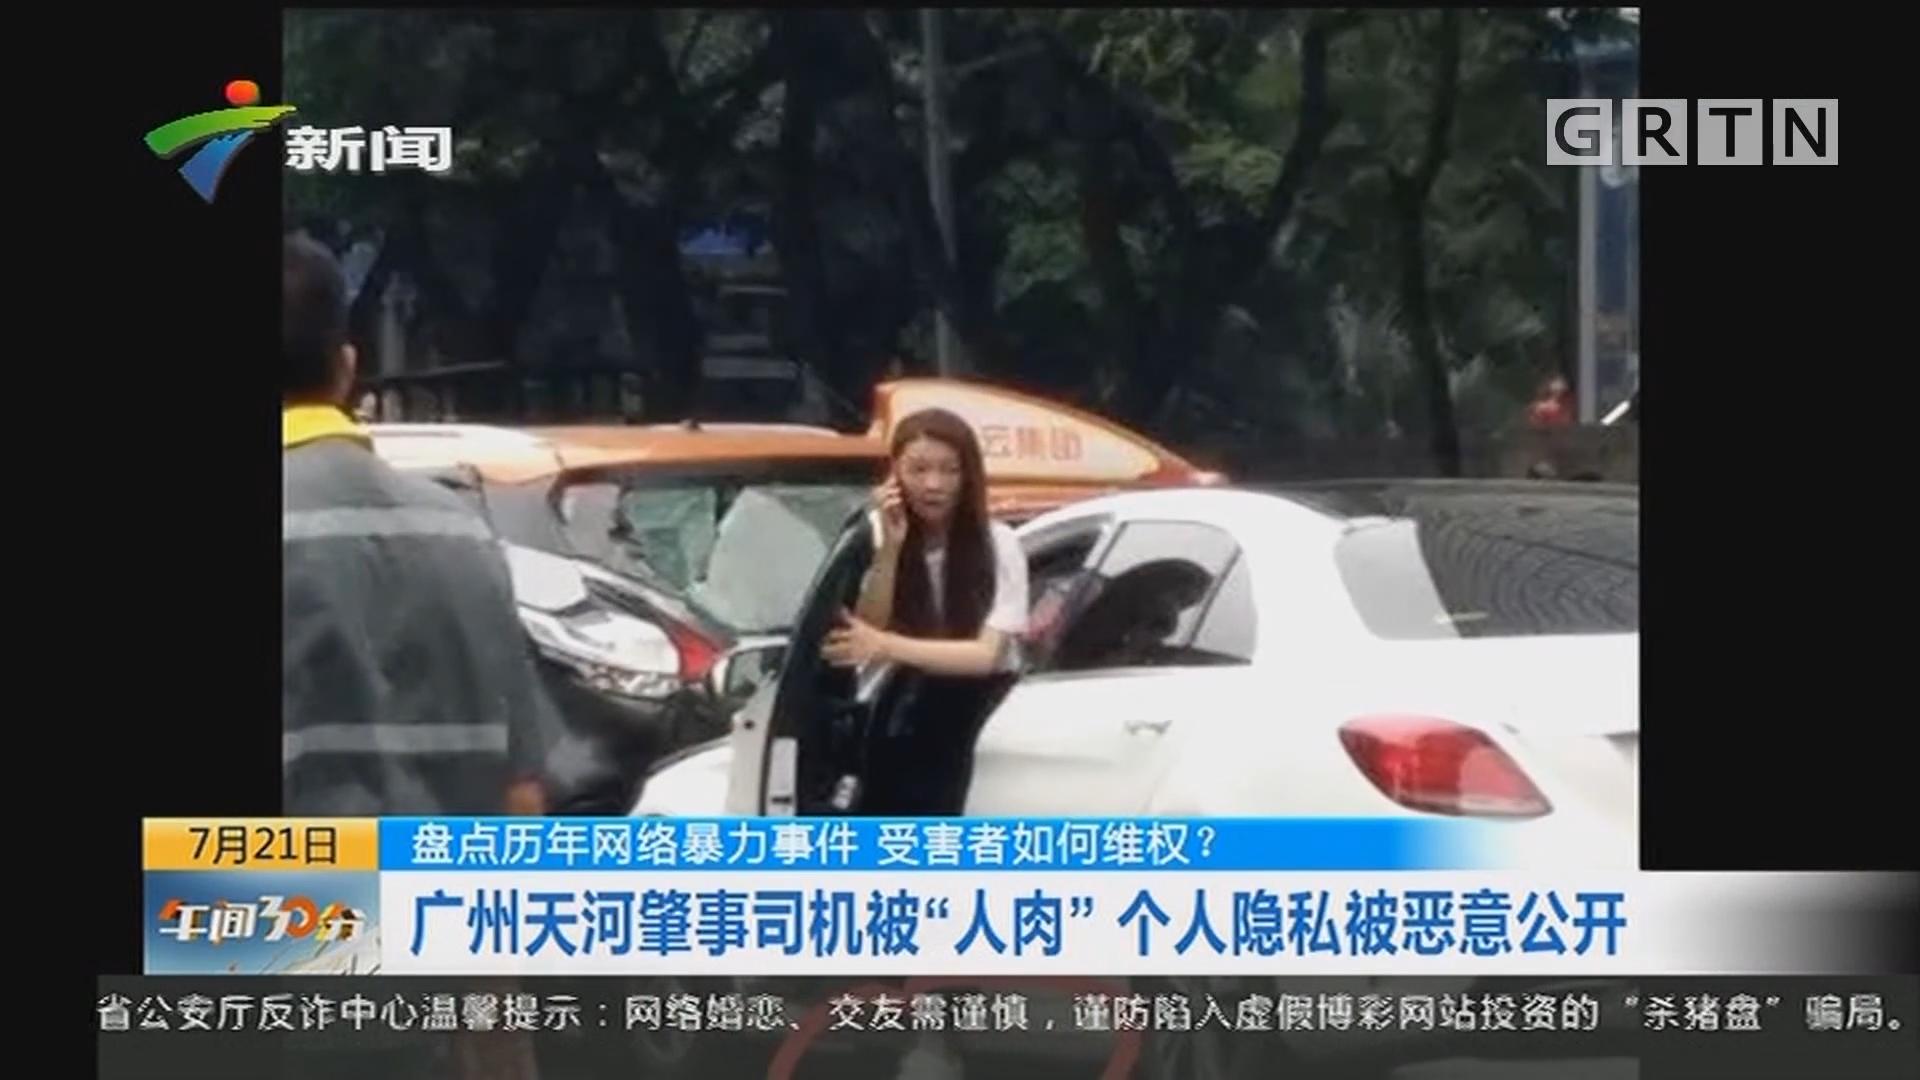 """盘点历年网络暴力事件 受害者如何维权? 广州天河肇事司机被""""人肉"""" 个人隐私被恶意公开"""